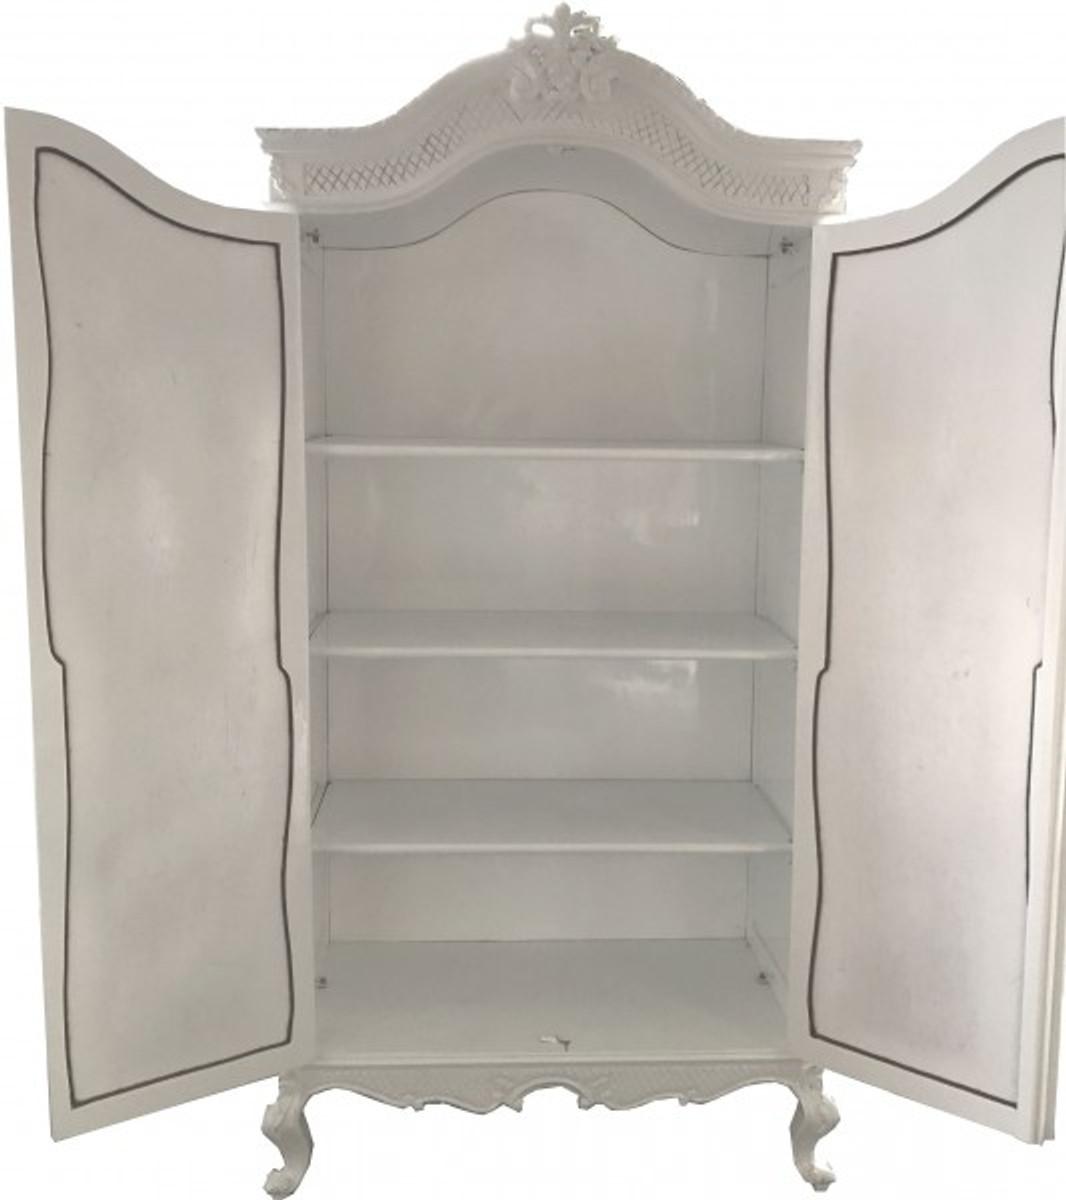 Casa Padrino Barock Kleiderschrank Weiß Hochglanz B 110 x H 230 cm Schlafzimmer Schrank - Antik Stil 5